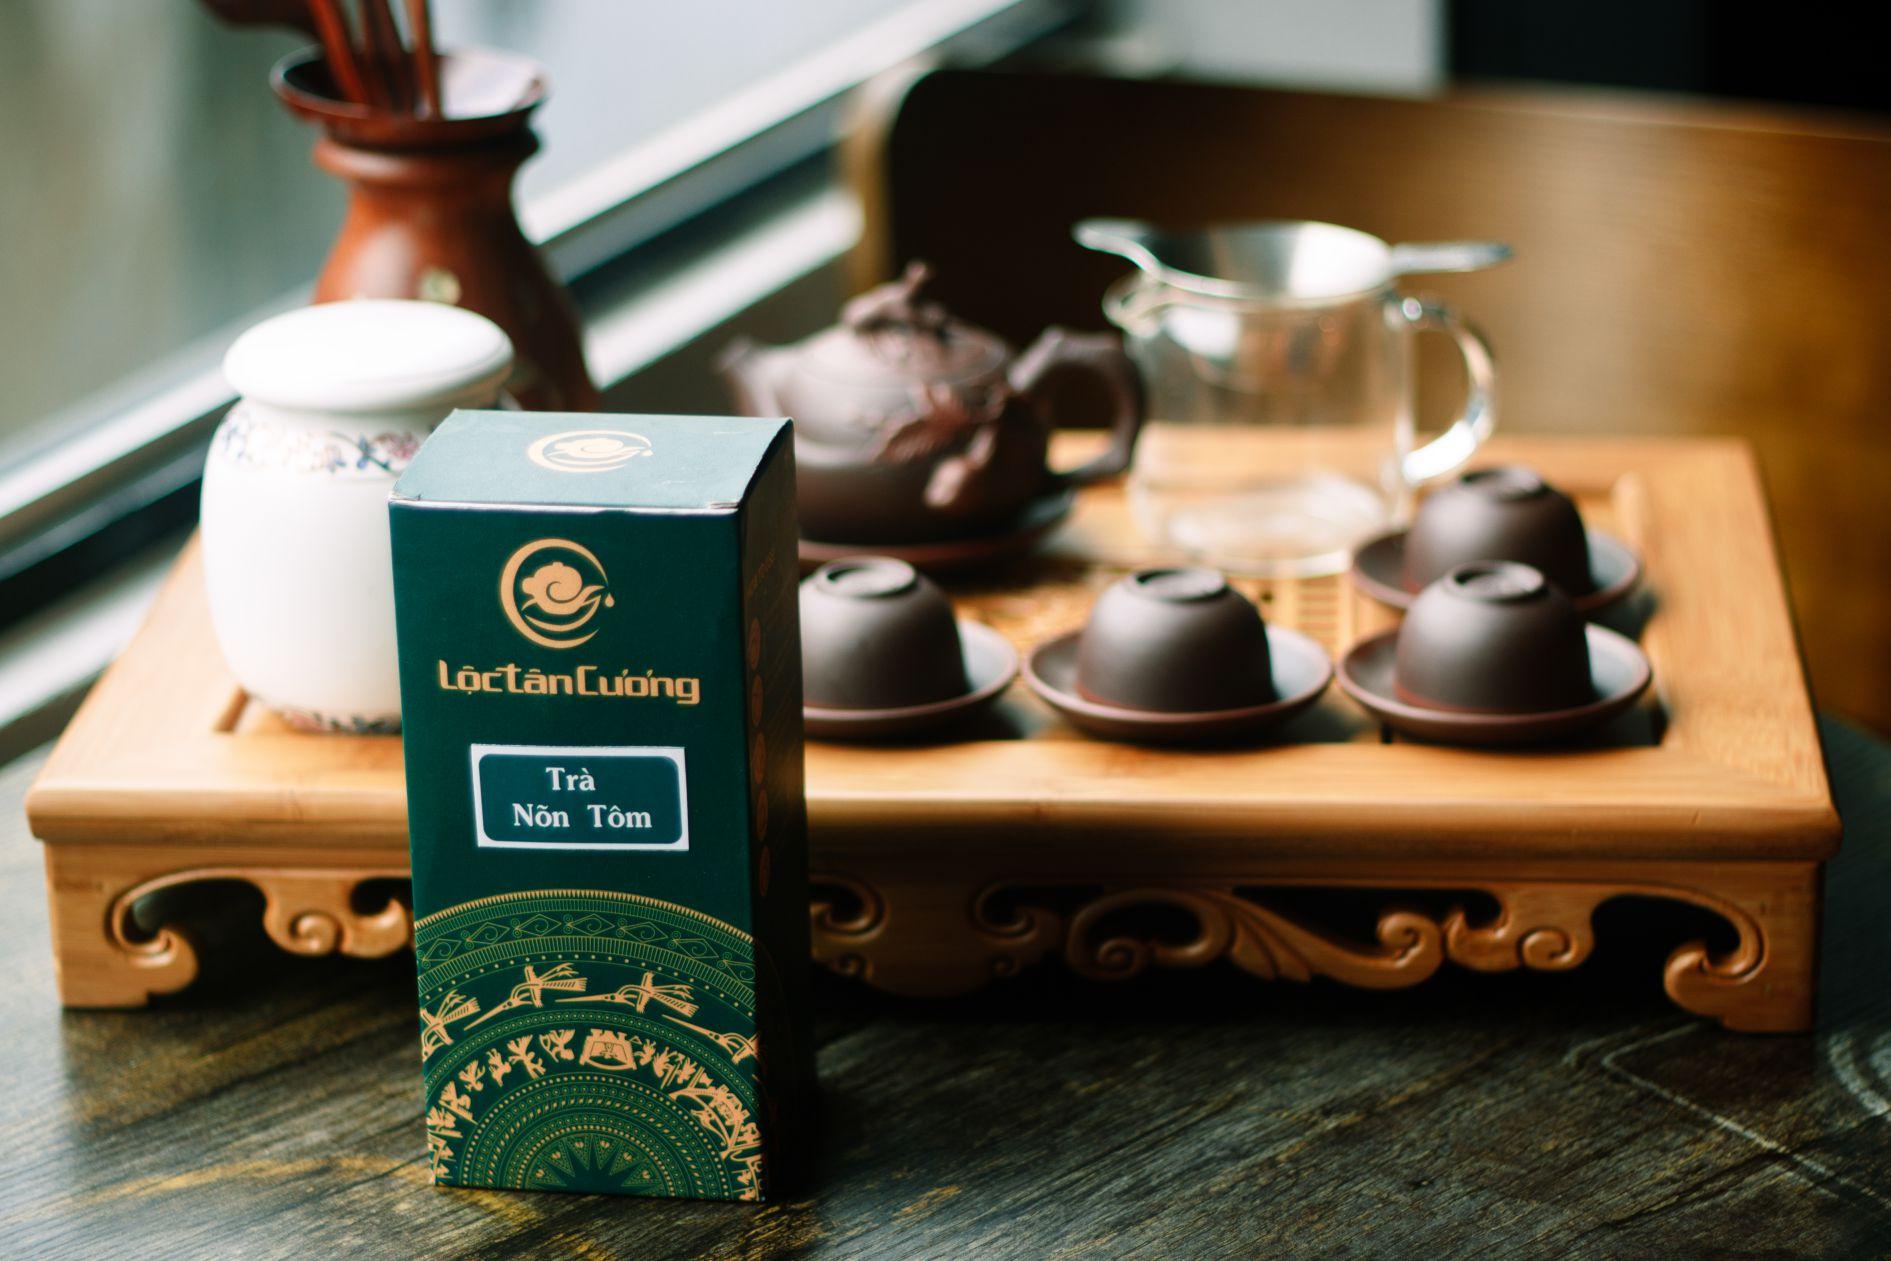 Bộ ấm chén bát tràng cao cấp không chỉ mang lại nước trà ngon mà còn đảm bảo an toàn sức khỏe người sử dụng